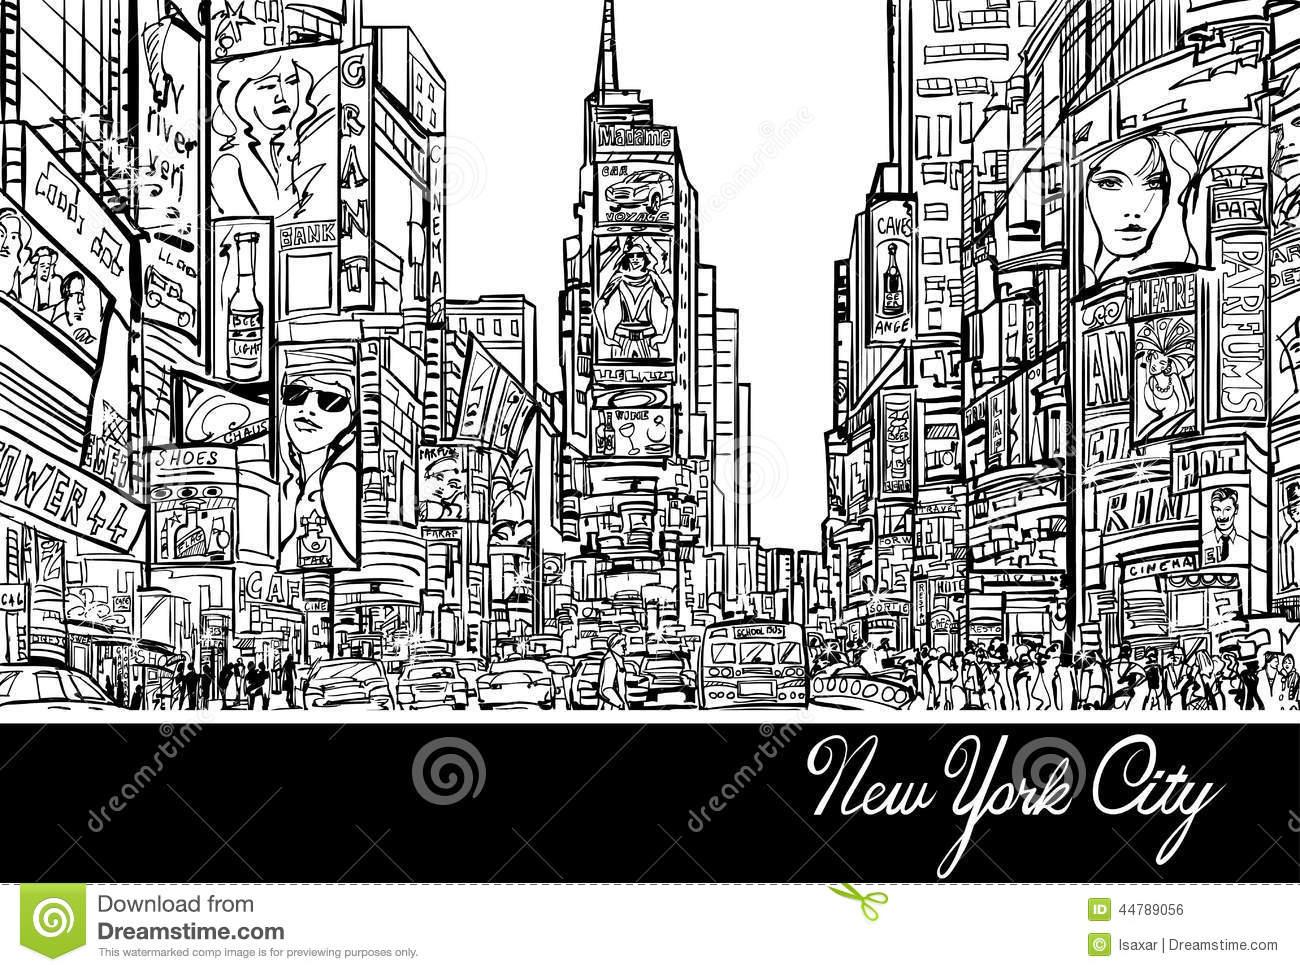 Times square clip art.